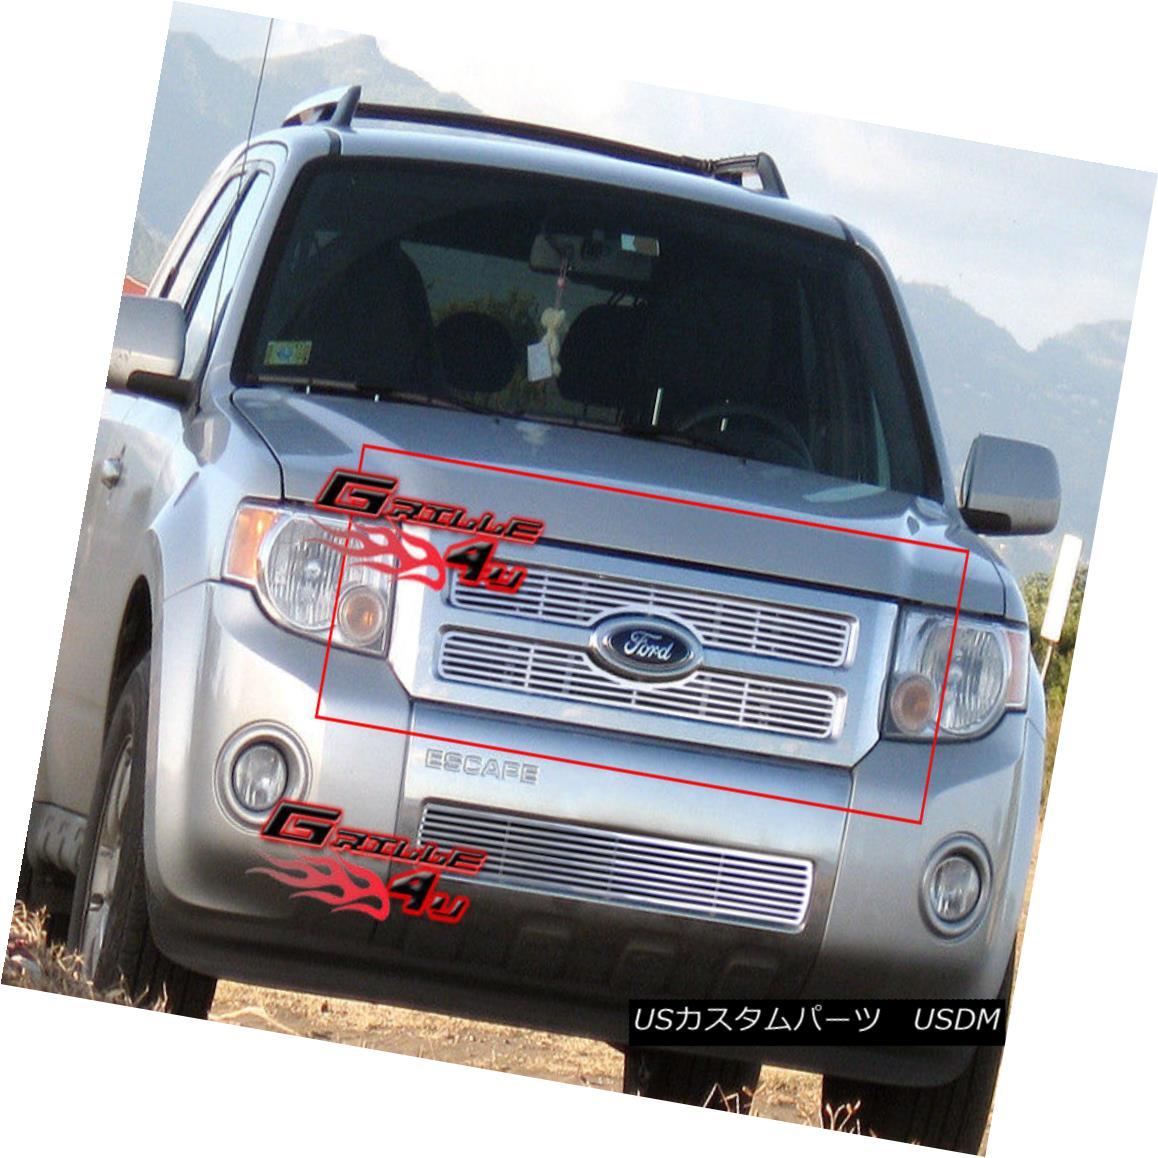 グリル Fits 2008-2011 Ford Escape Perimeter Grille Insert フィット2008-2011フォードエスケープペリメーターグリルインサート